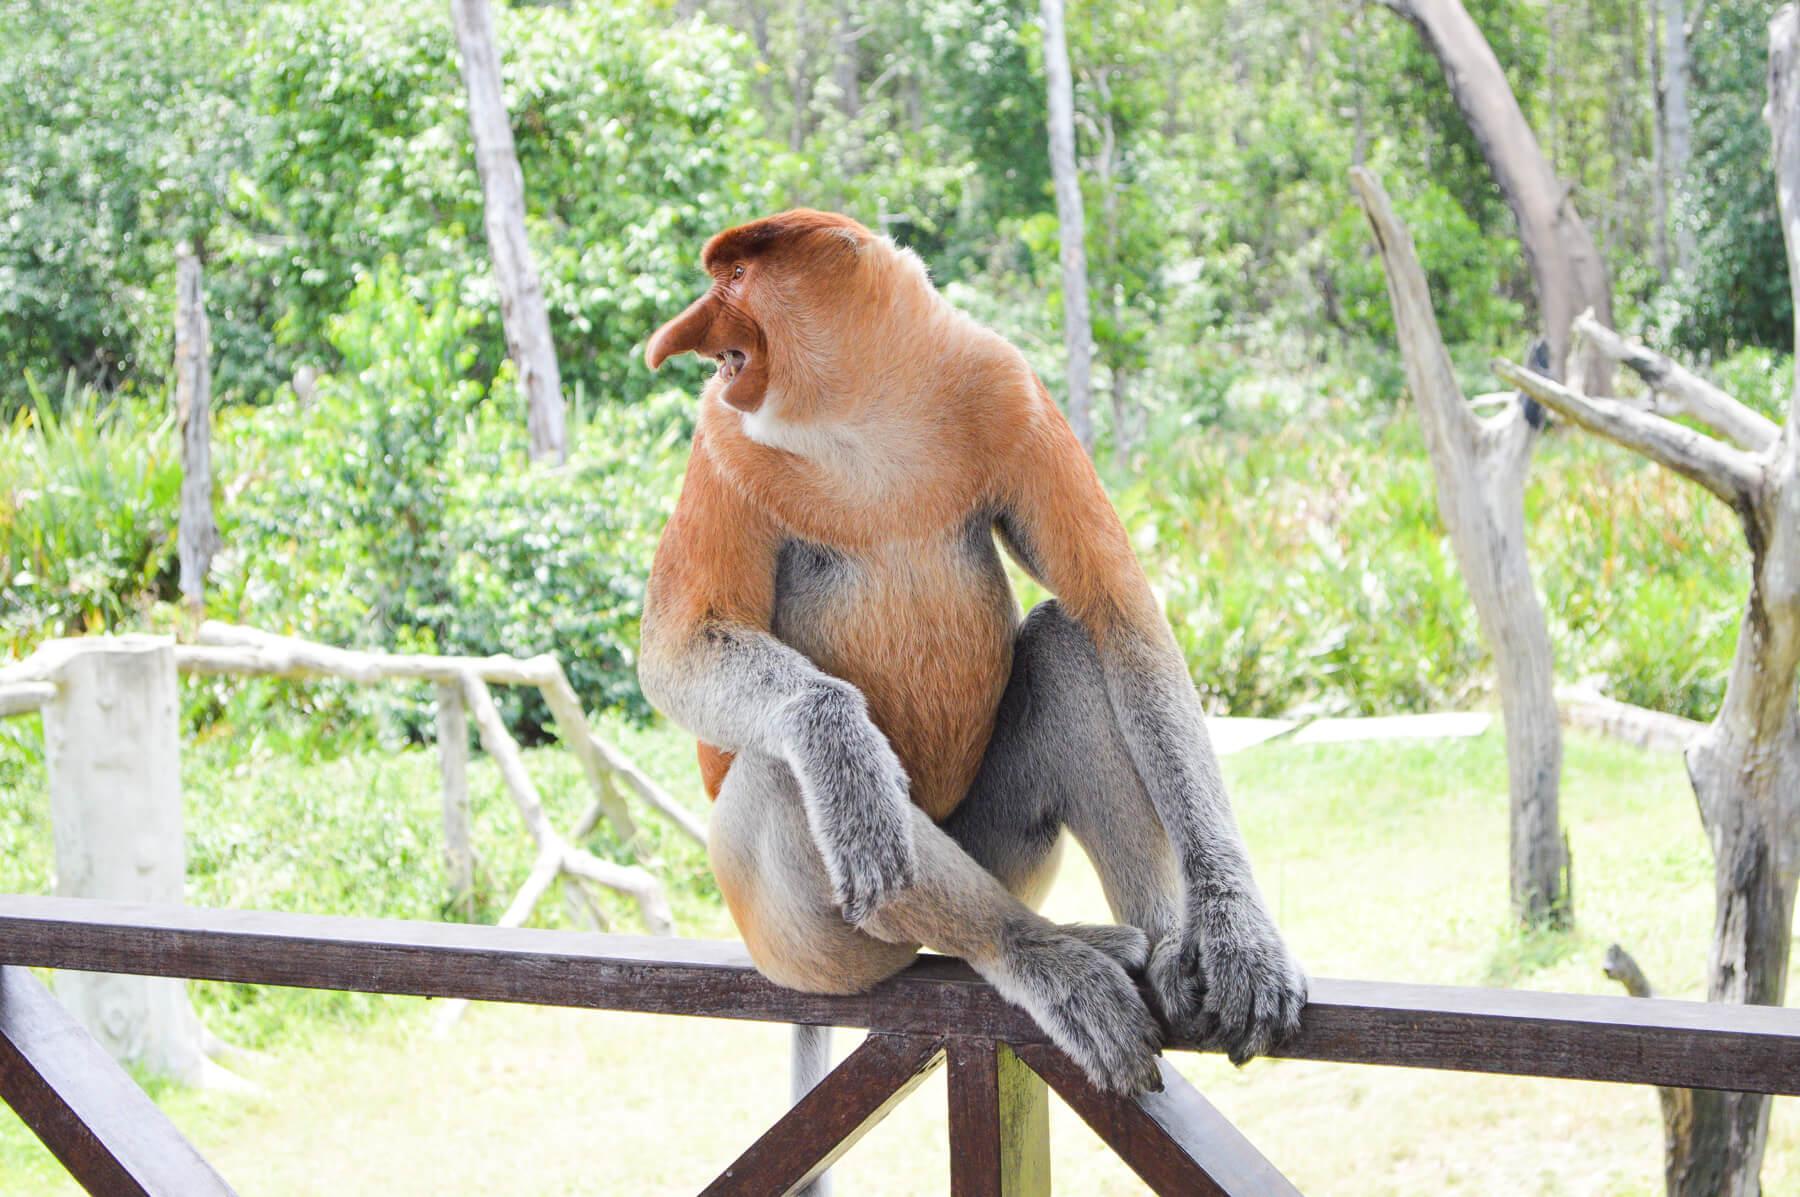 An angry proboscis monkey at the Proboscis Monkey Sanctuary